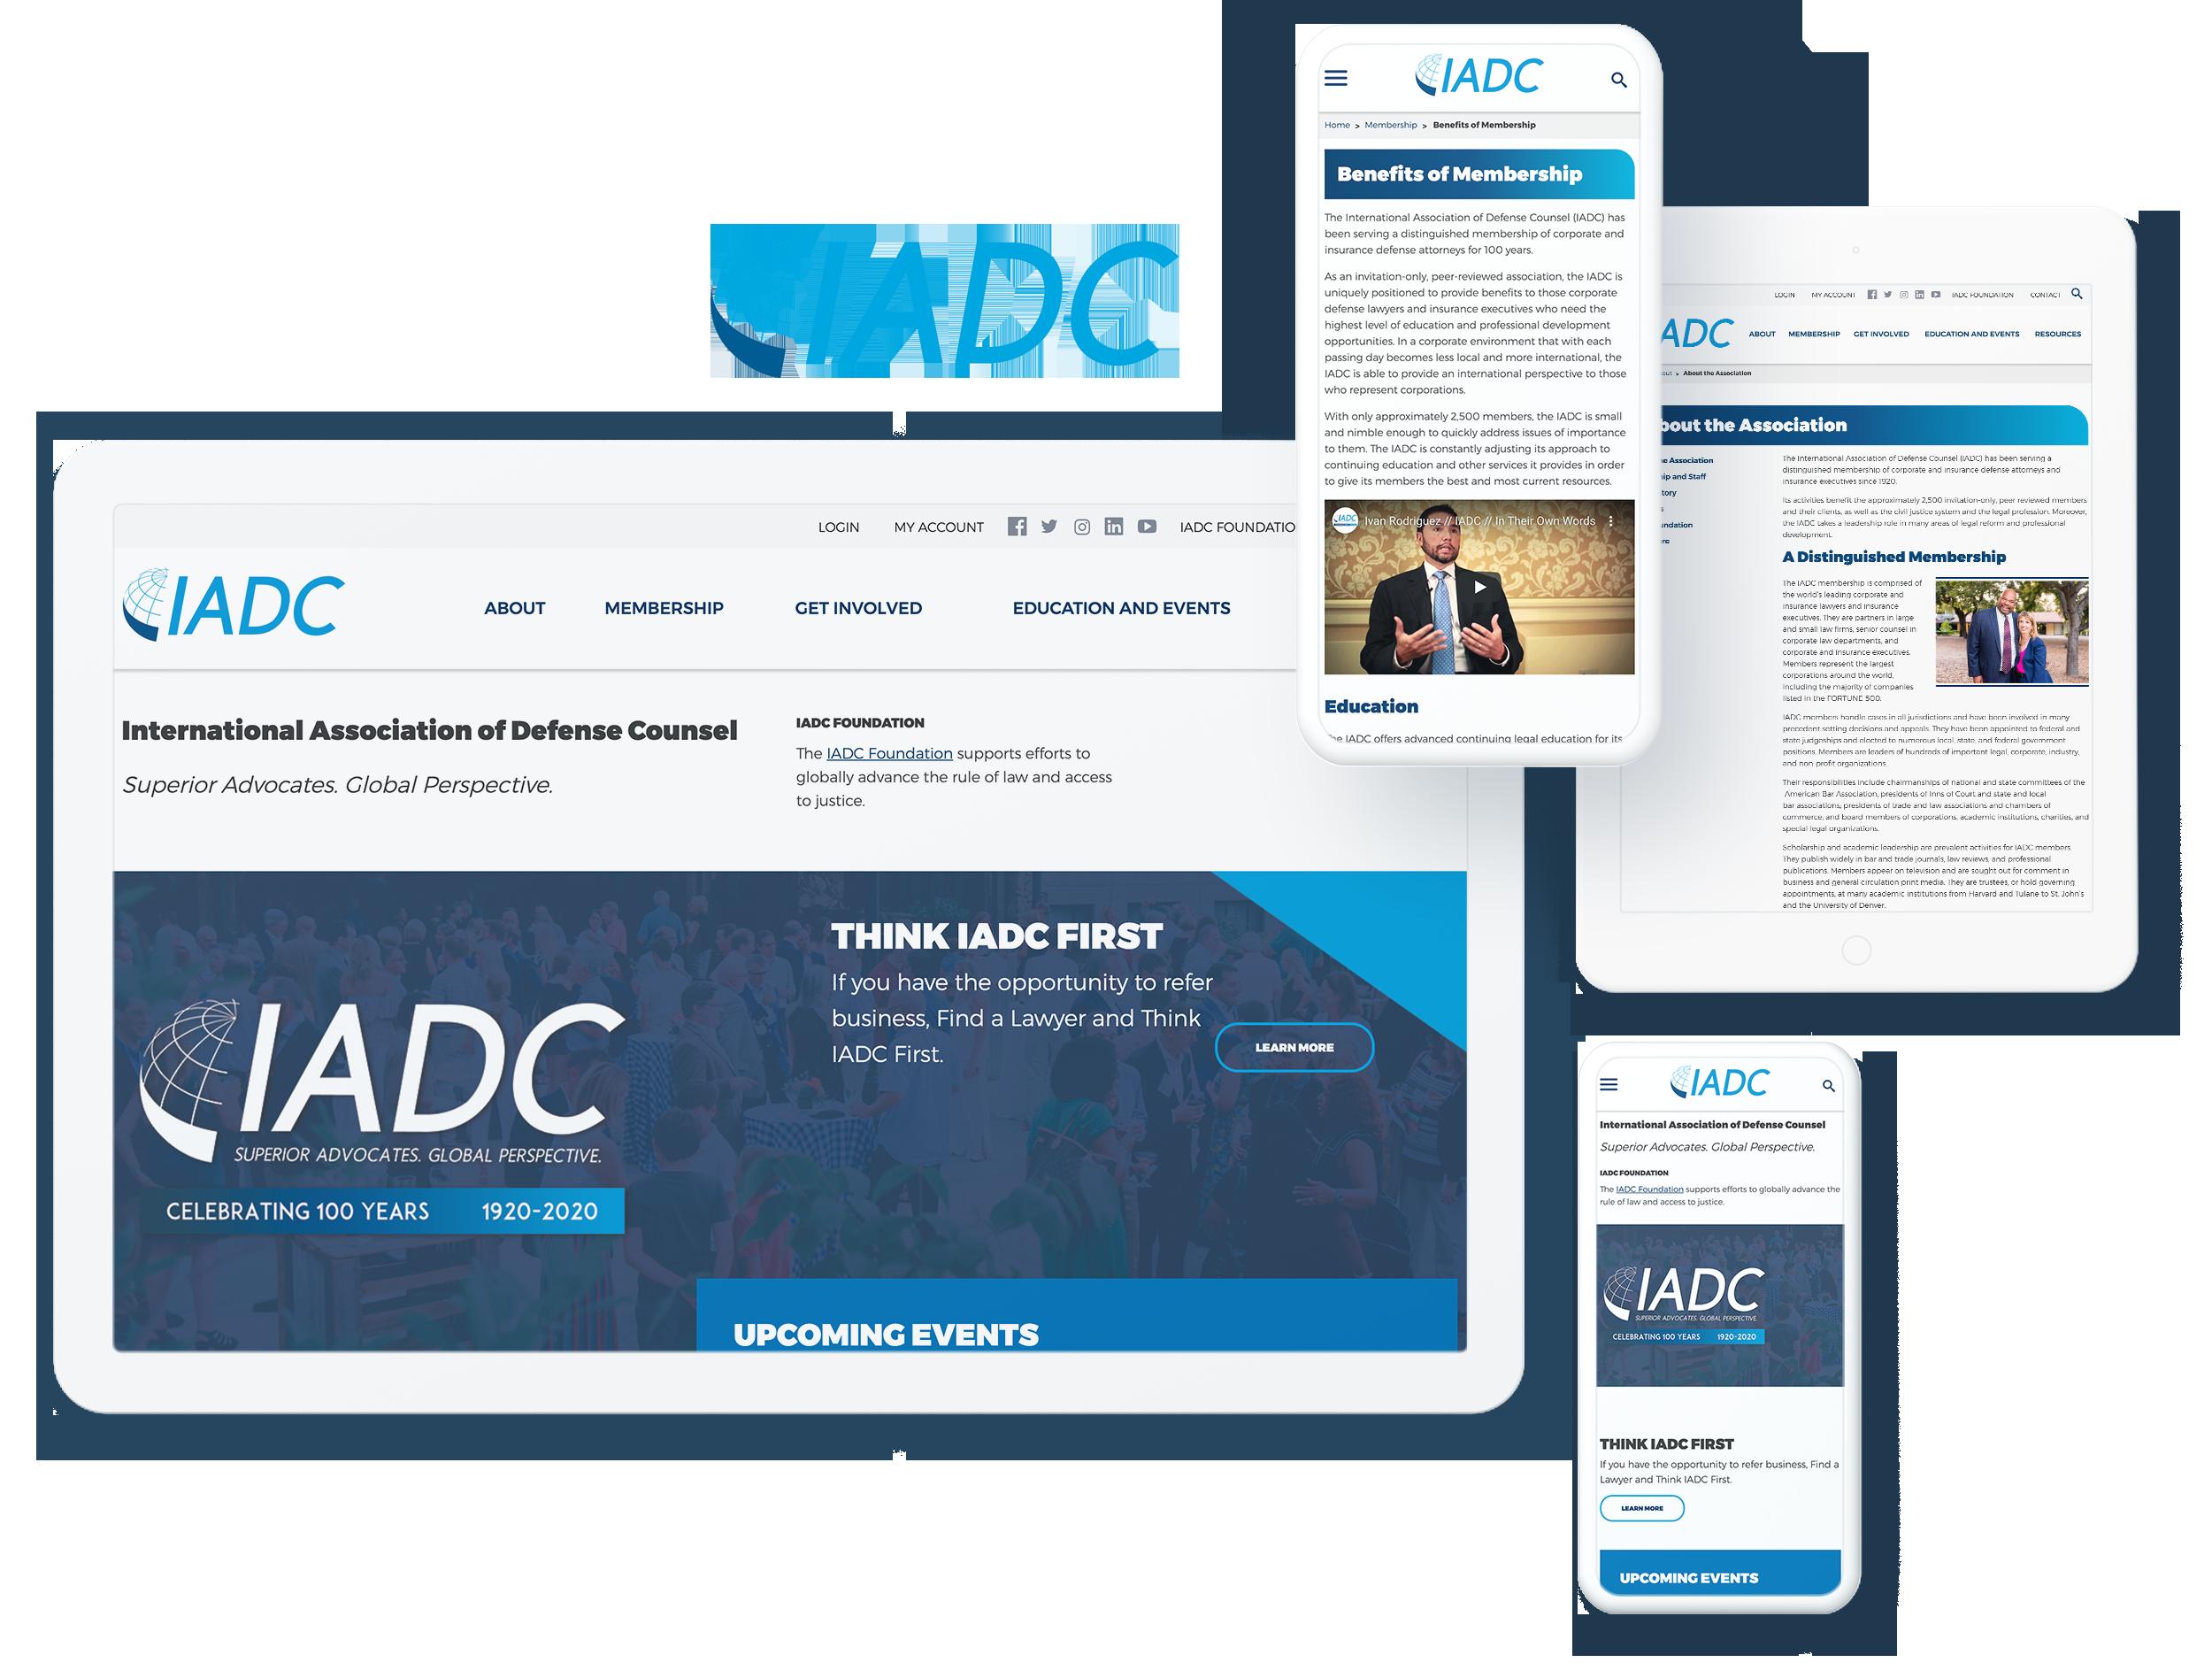 IADC_Spotlight